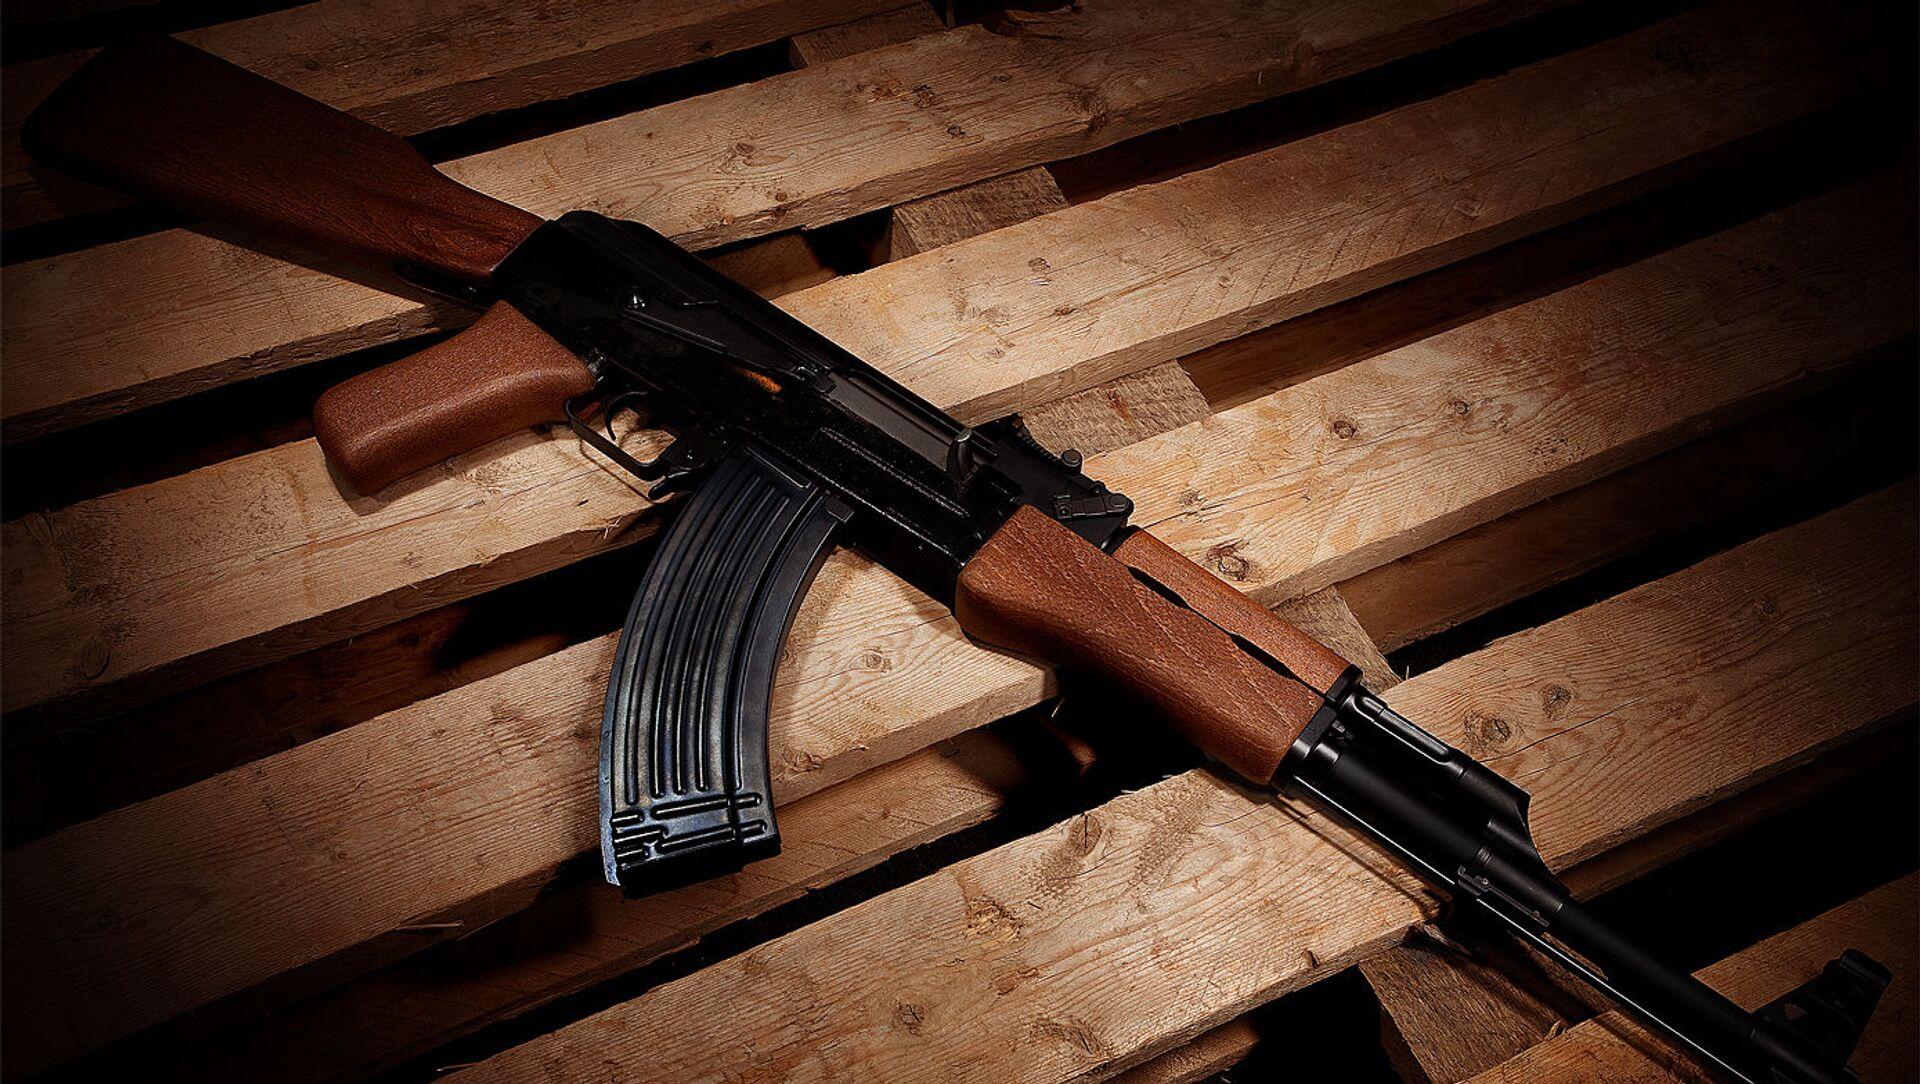 Fusil d'assaut AK-47 (image d'illustration) - Sputnik France, 1920, 05.09.2021